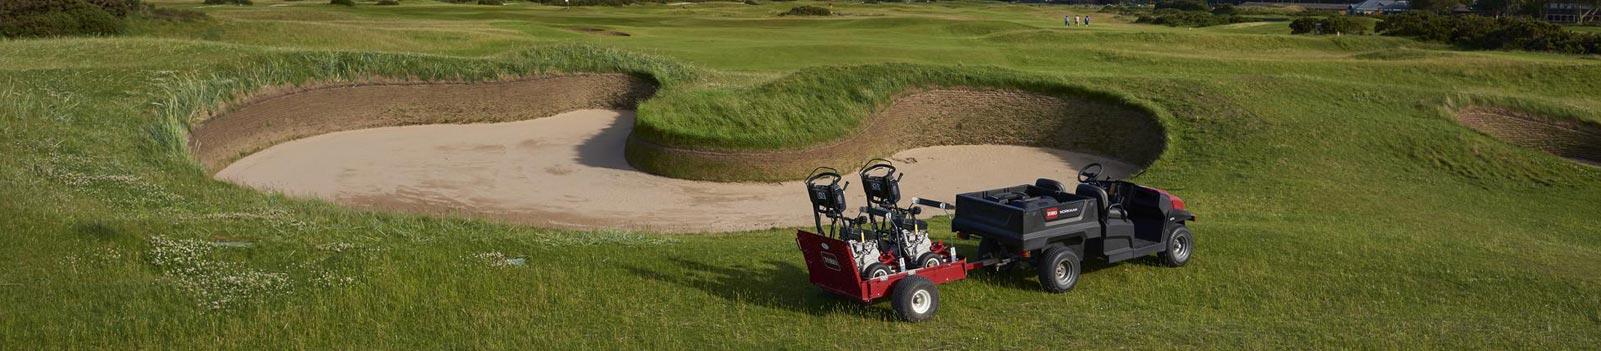 Golf- und Sportplatzpflegegeräte